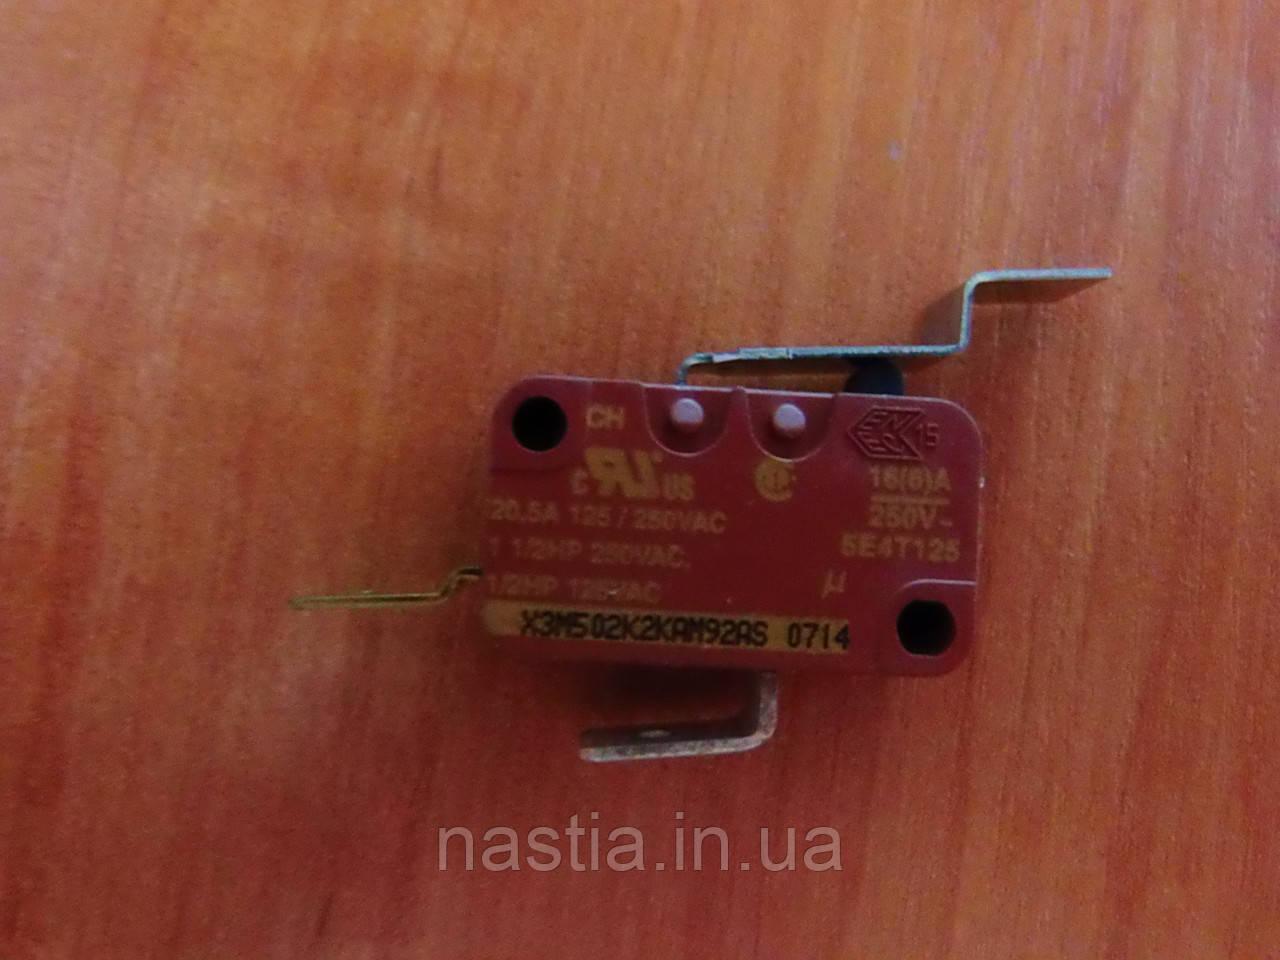 186723600 Мікроперемикач(відкриття двері), X3M502N2KAM92AS, Vienna